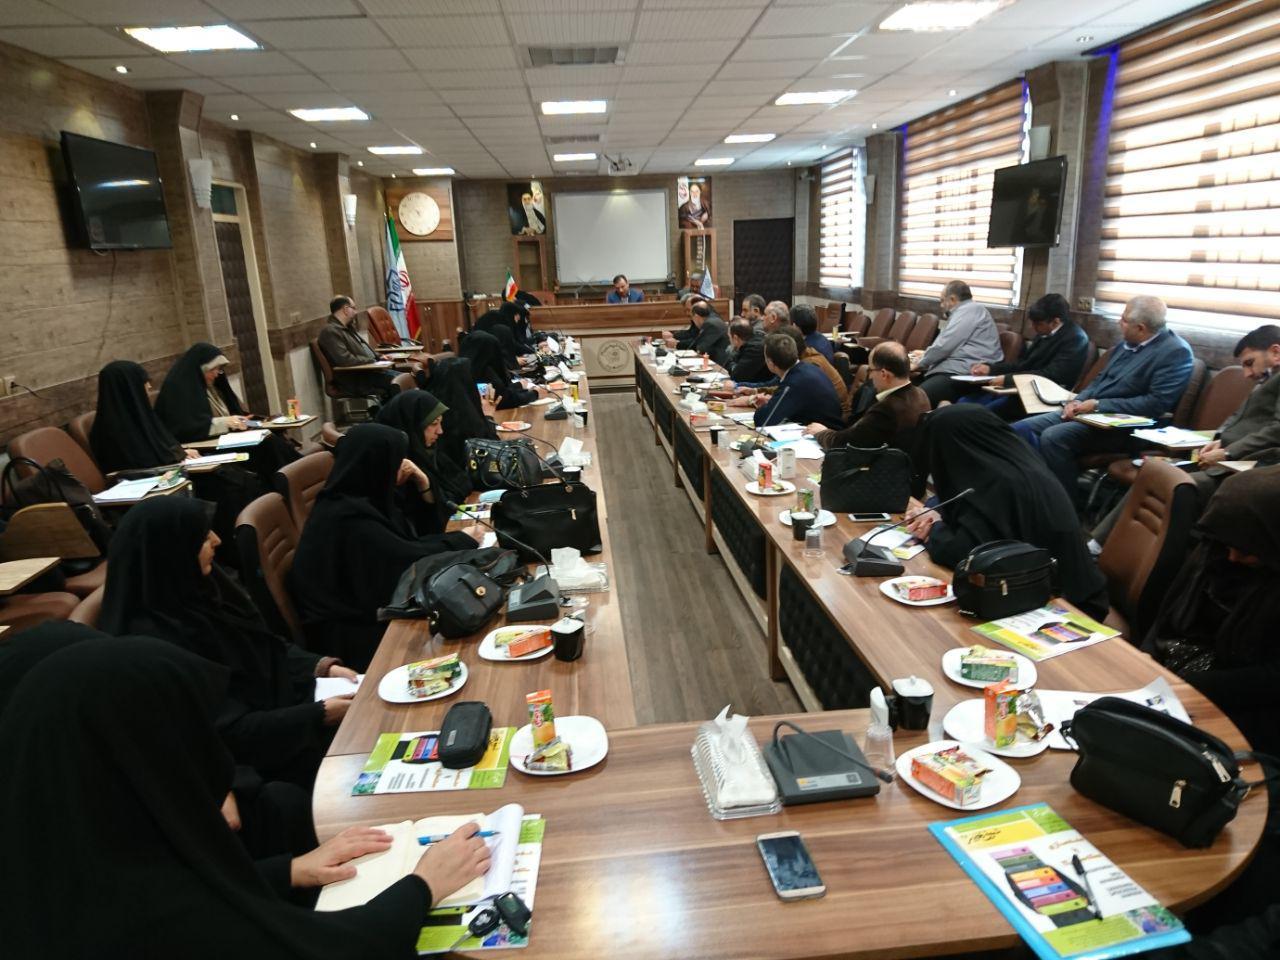 مدیریت دبیرستان در جلسه ی نظارت و ارزشیابی دبیران در سالن کنفرانس شهید بنایی زاده شرکت کردند.